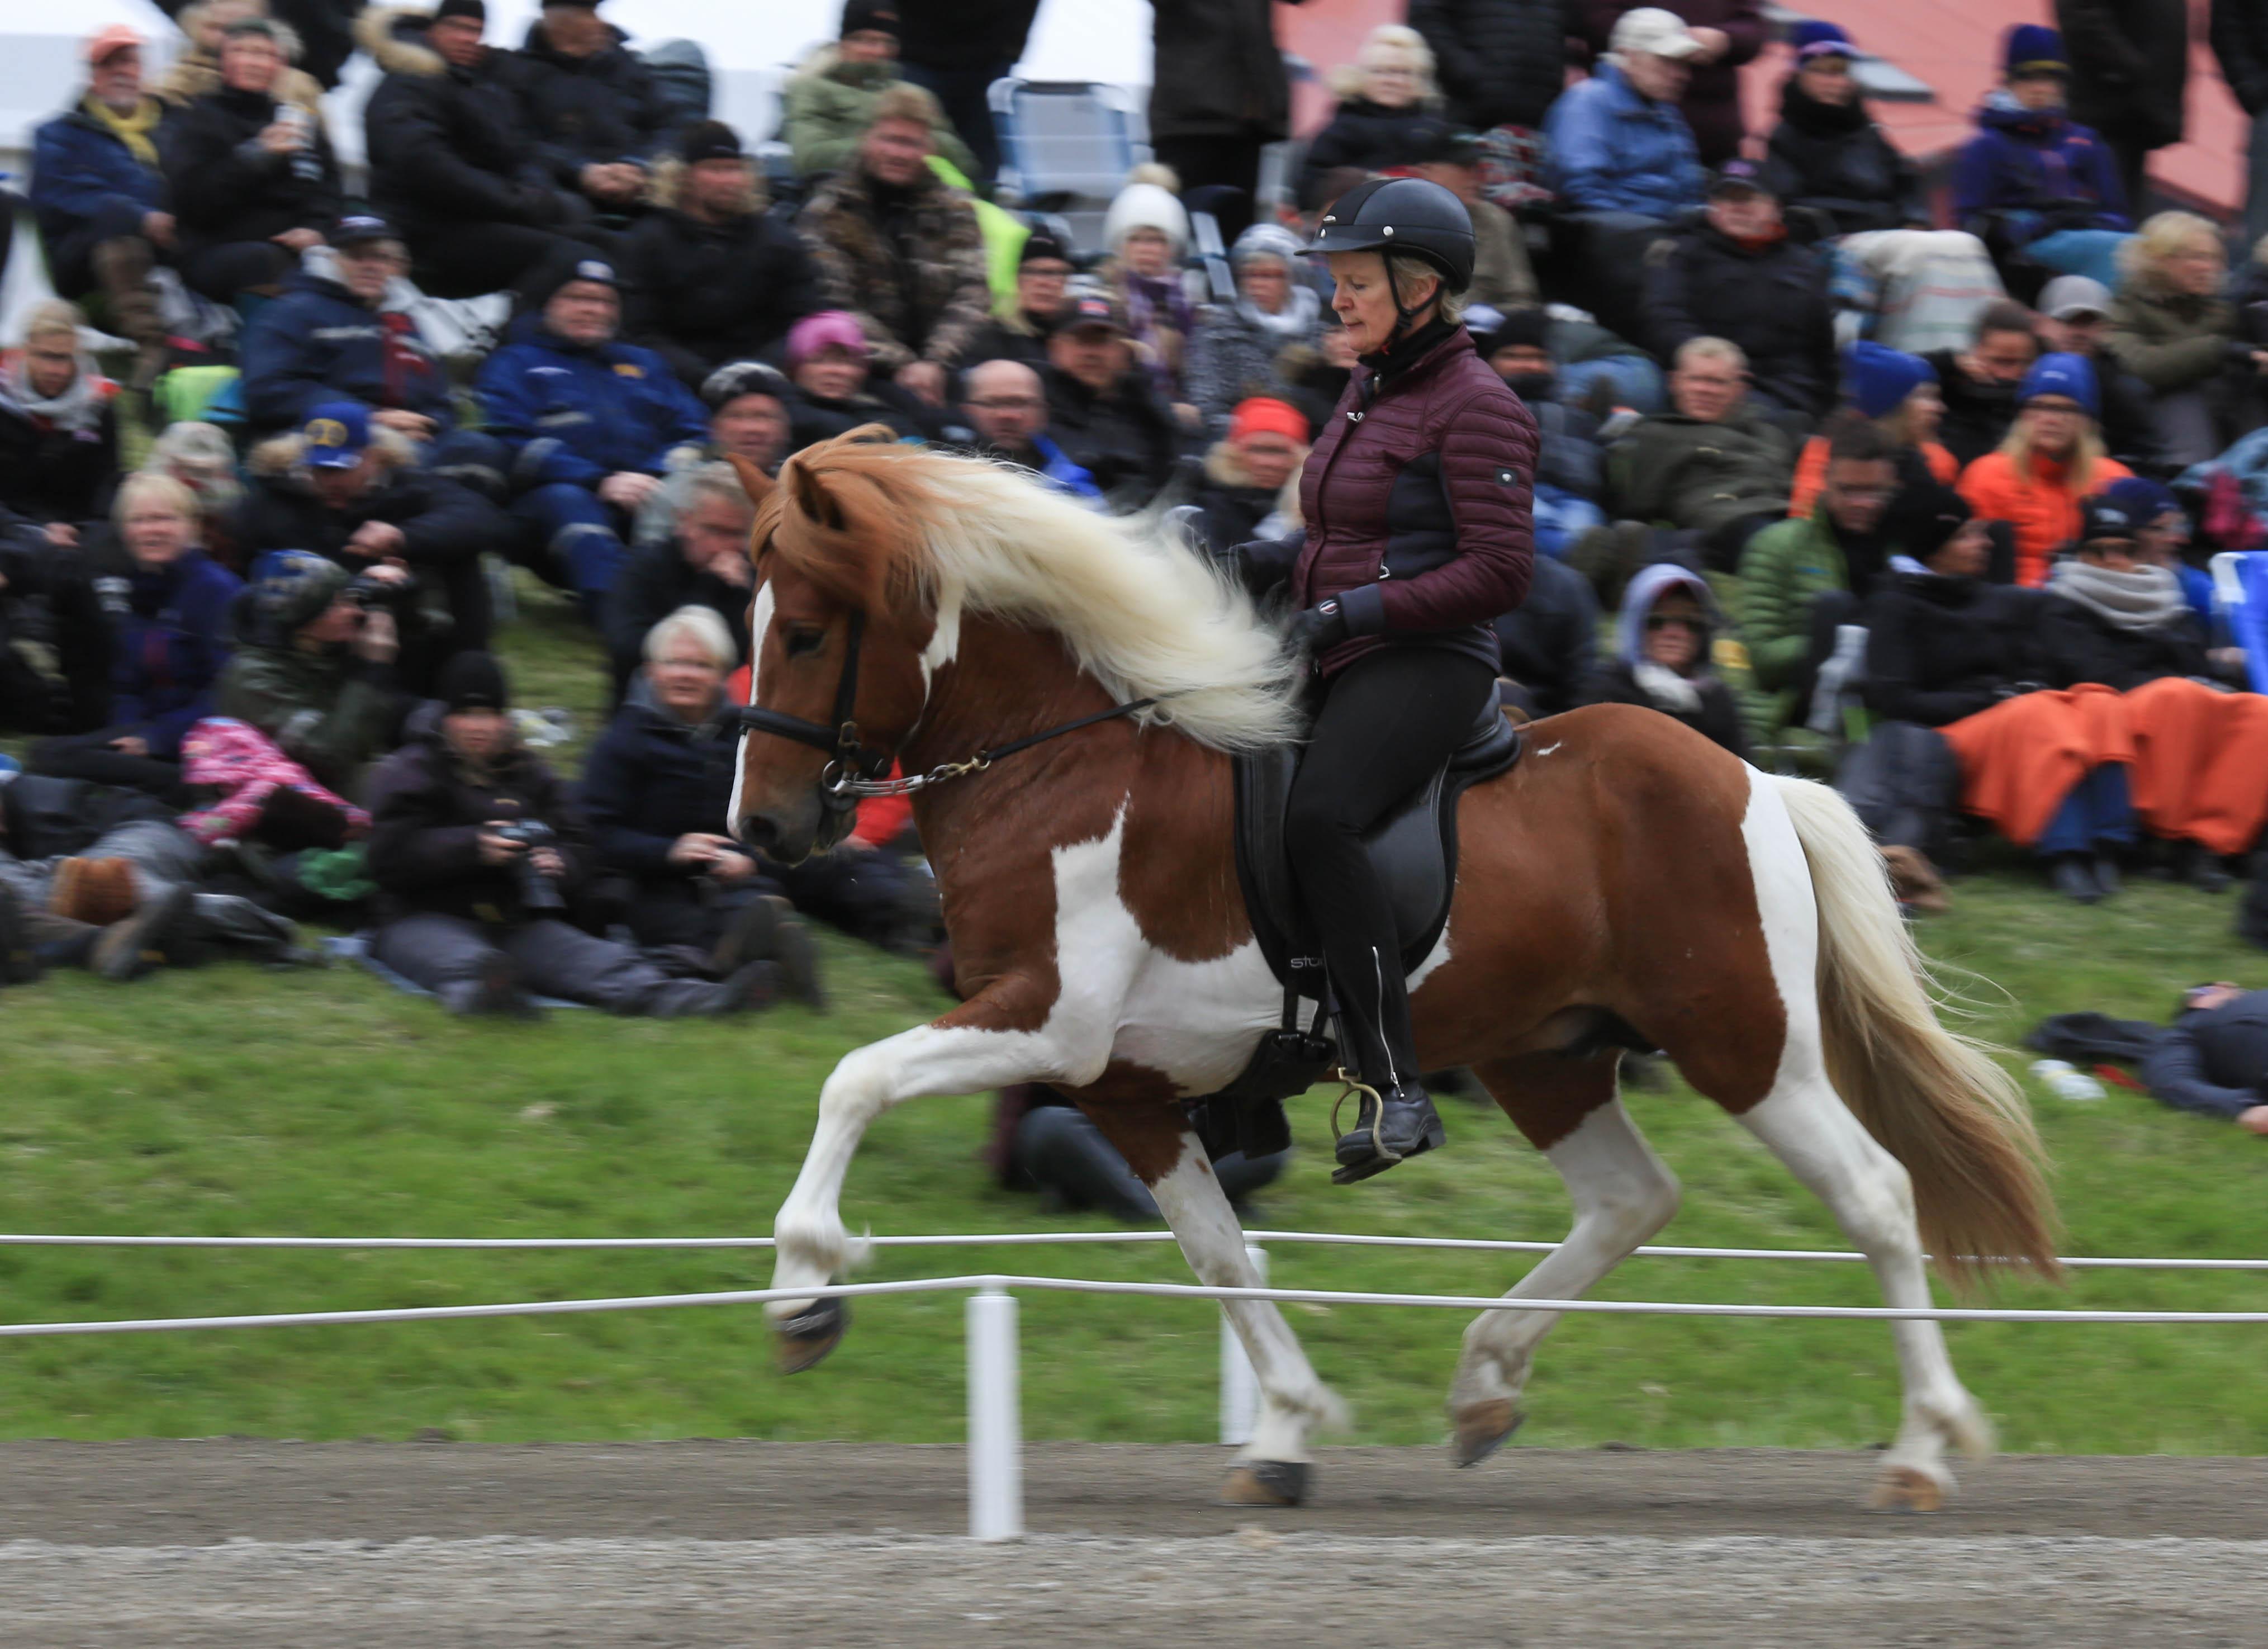 Fyrgångare med 8.47 i ridegenskaper! Álfgrímur frá Syðri-Gegnishólum Foto: Yvonne Benzian/ishestnews.se